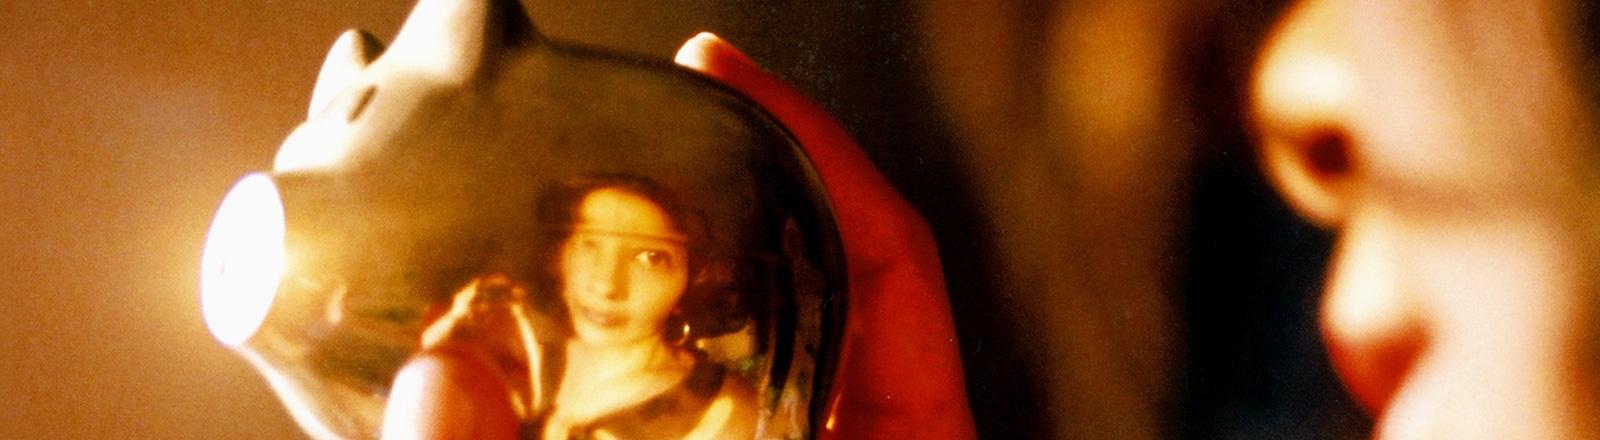 Eine Frau hält ein goldenes Sparschwein in der Hand. Ihr Gesicht spiegelt sich darin.